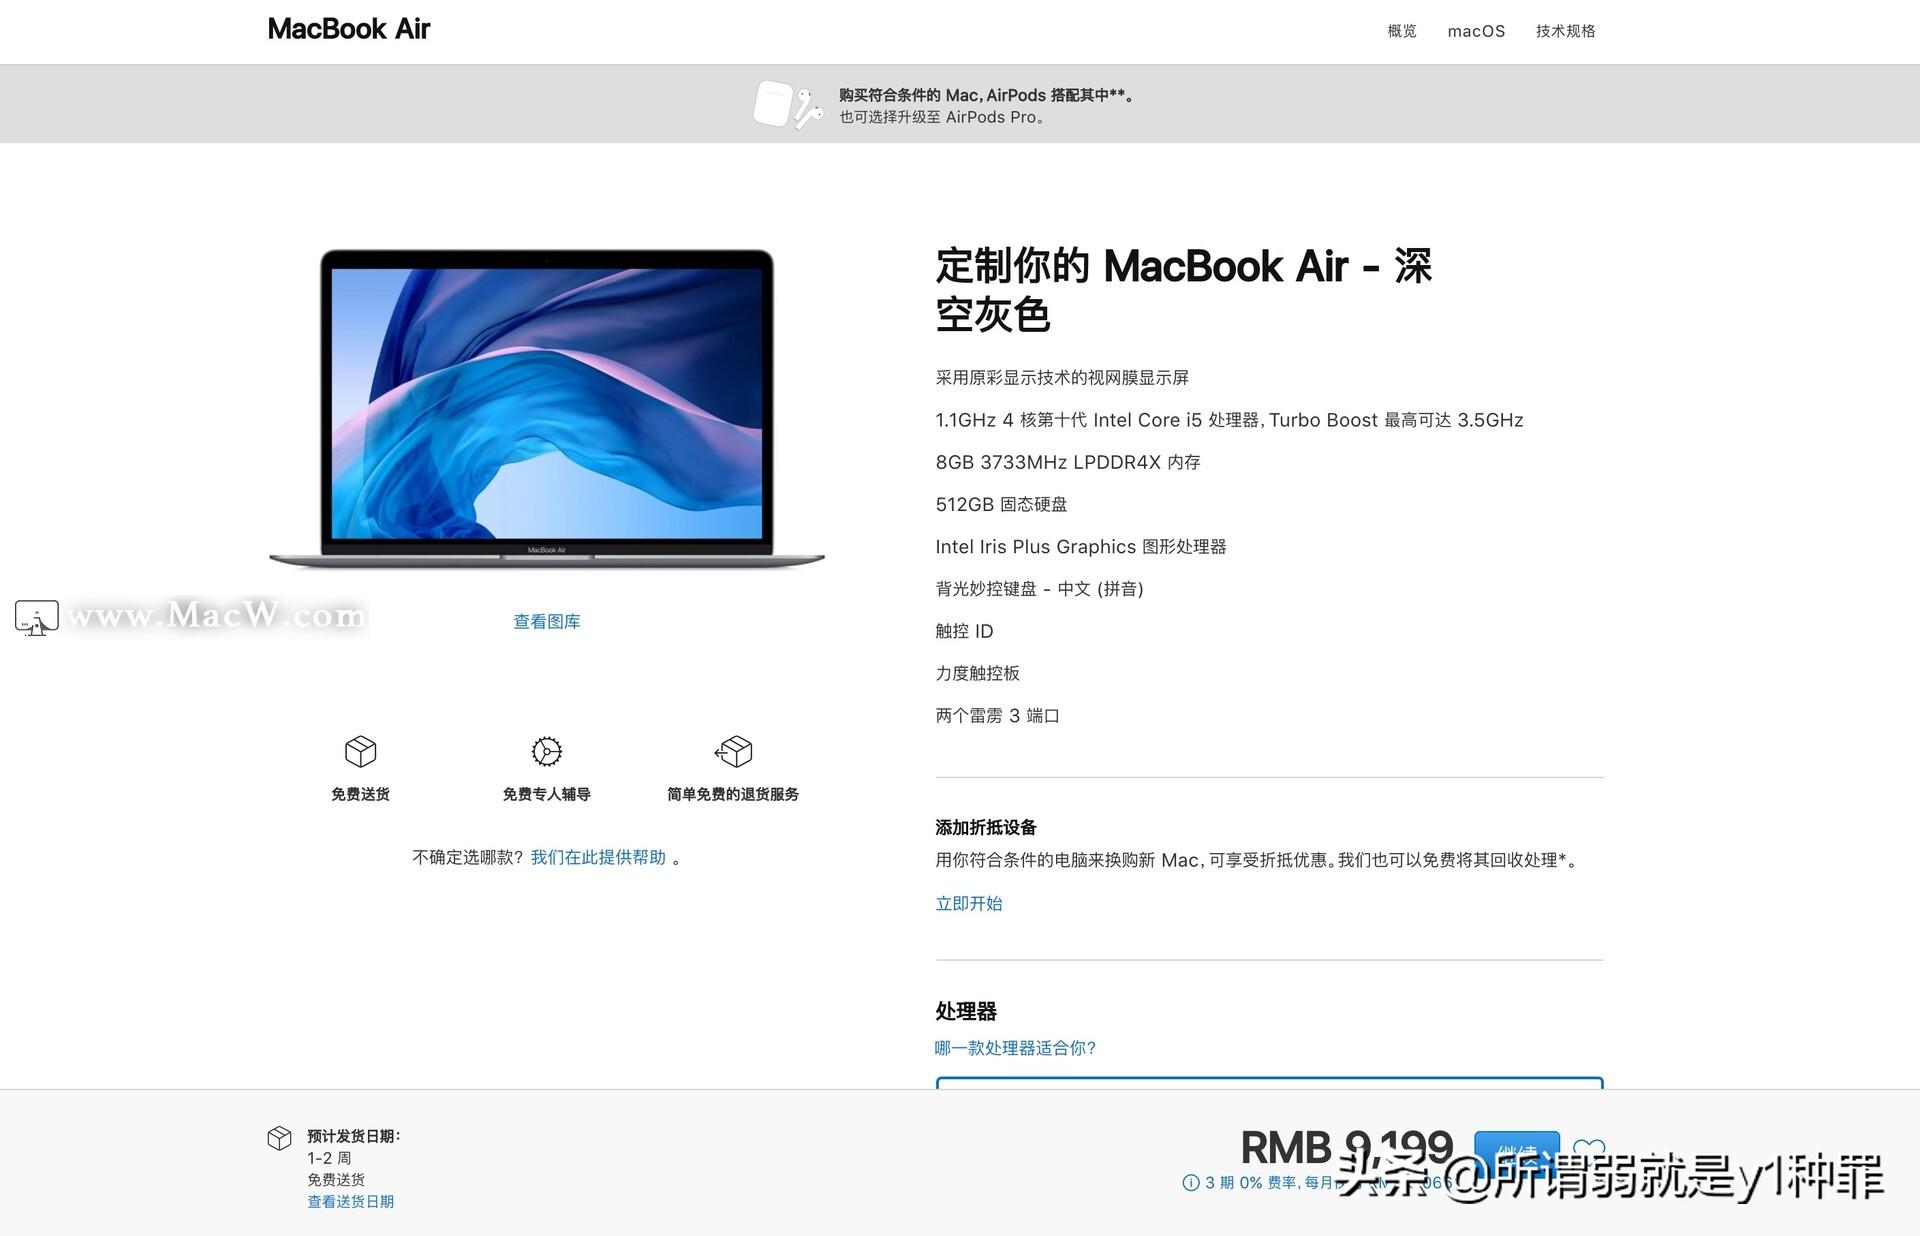 苹果官网教育优惠购买流程(苹果官网)插图4